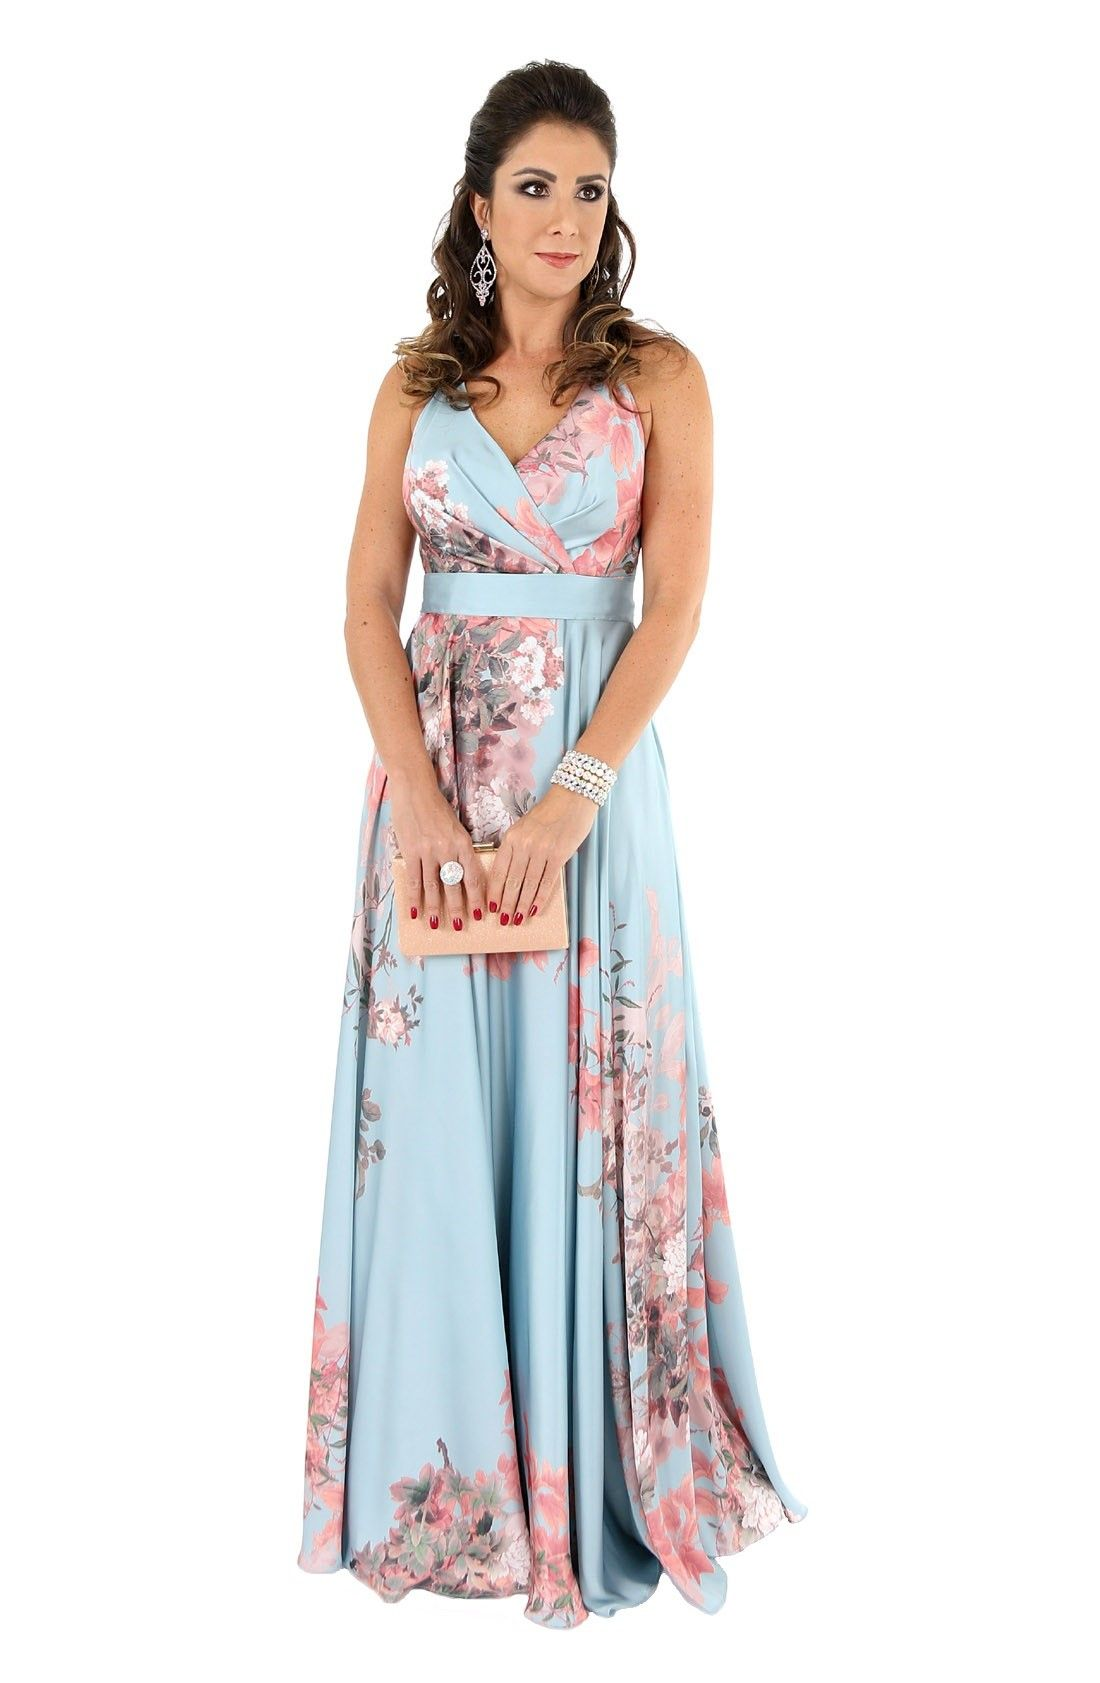 69f3b6e9a Vestido de Festa em Cetim Estampado Floral » Longo